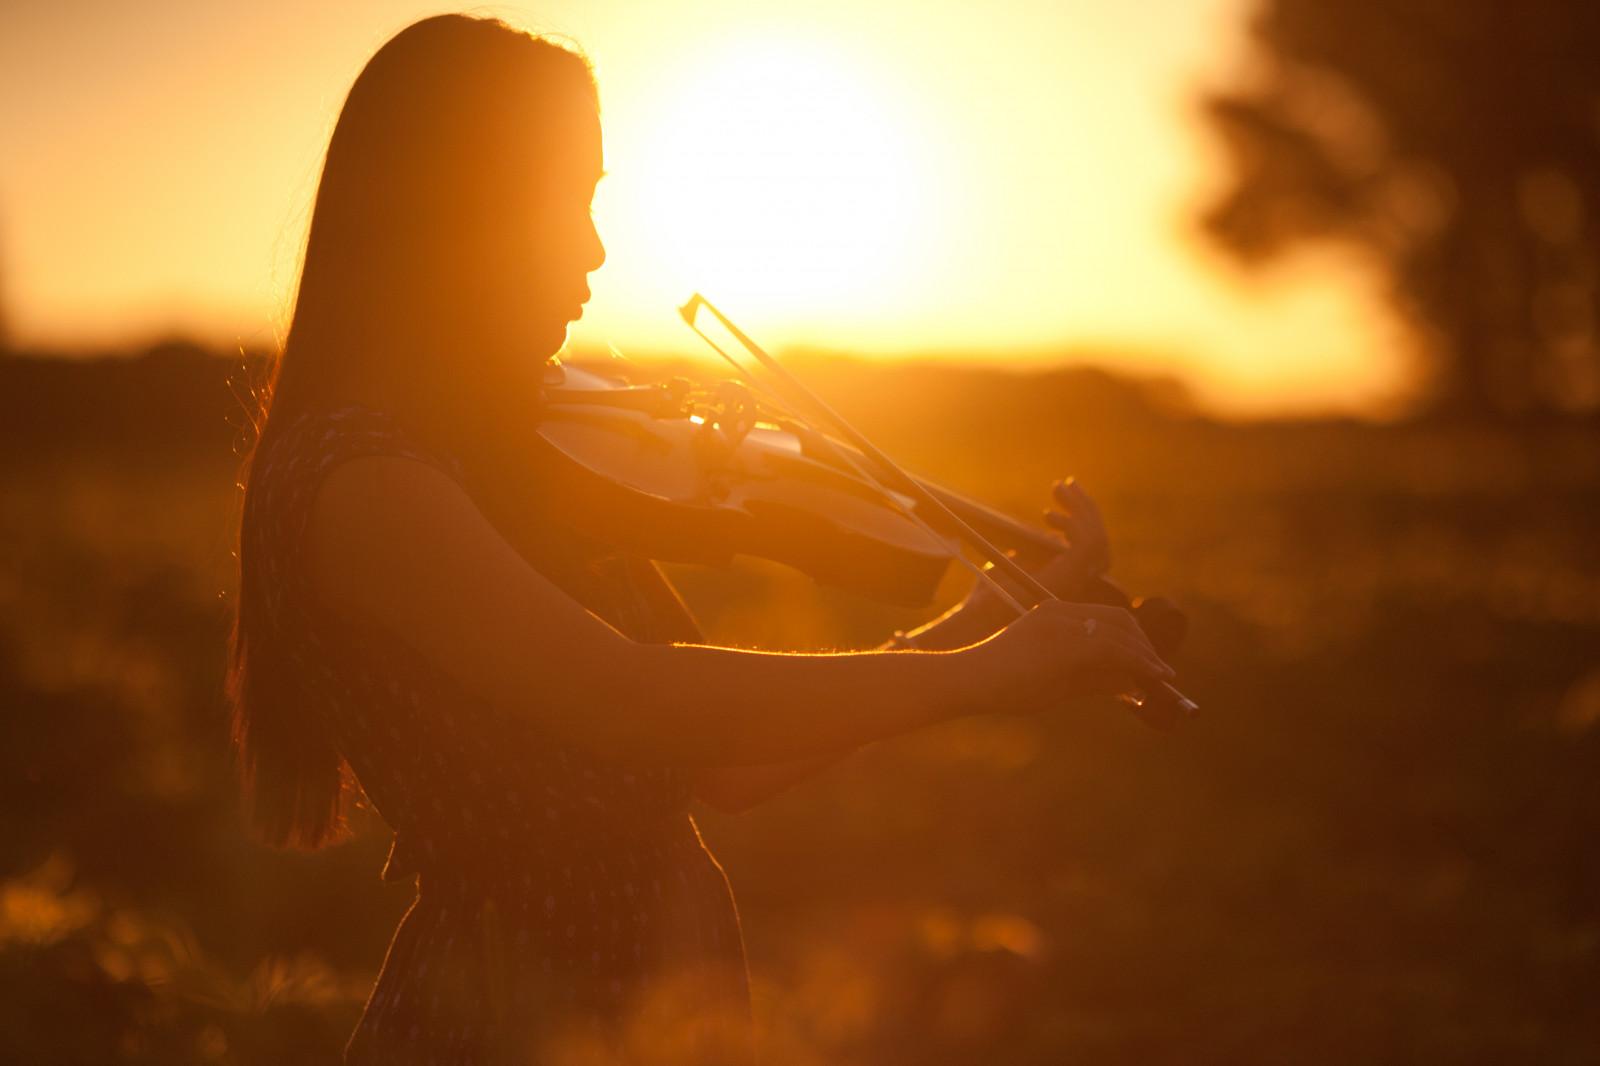 mặt trời Bầu trời bình Minh ánh sáng Ánh sáng mặt trời buổi sáng nhiếp ảnh tối không khí Đèn nền Hoàng hôn Bình minh con gái phong cảnh stock photography